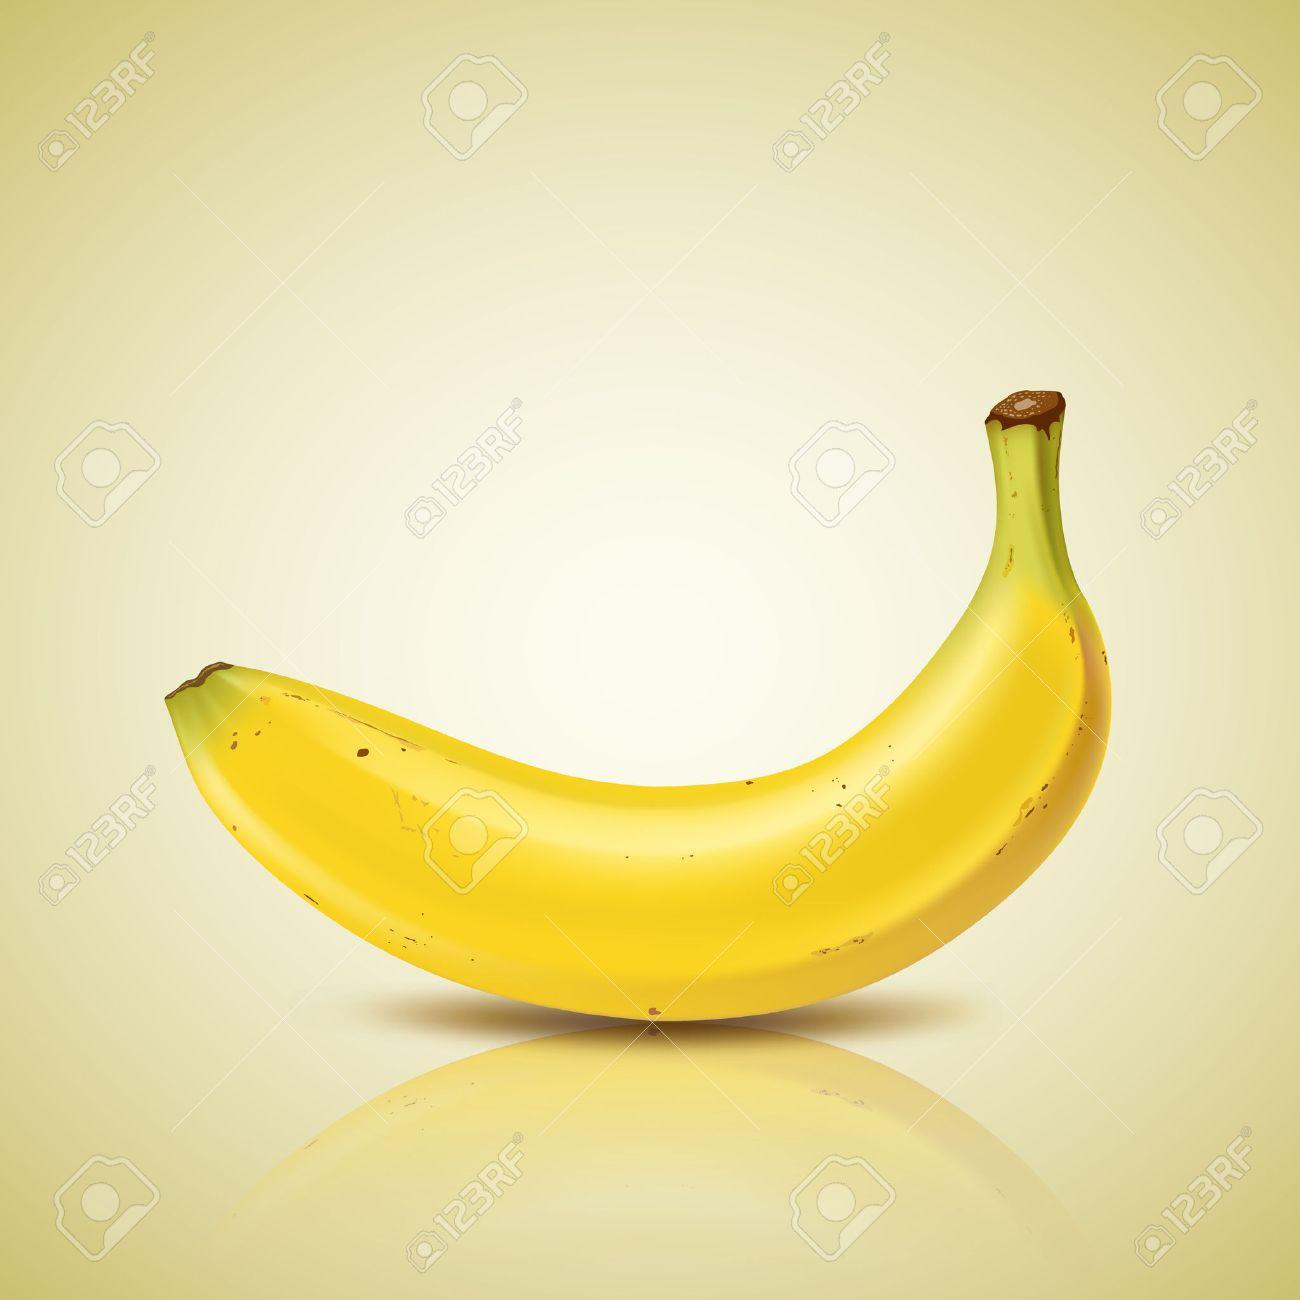 Banana design Stock Vector - 22815651